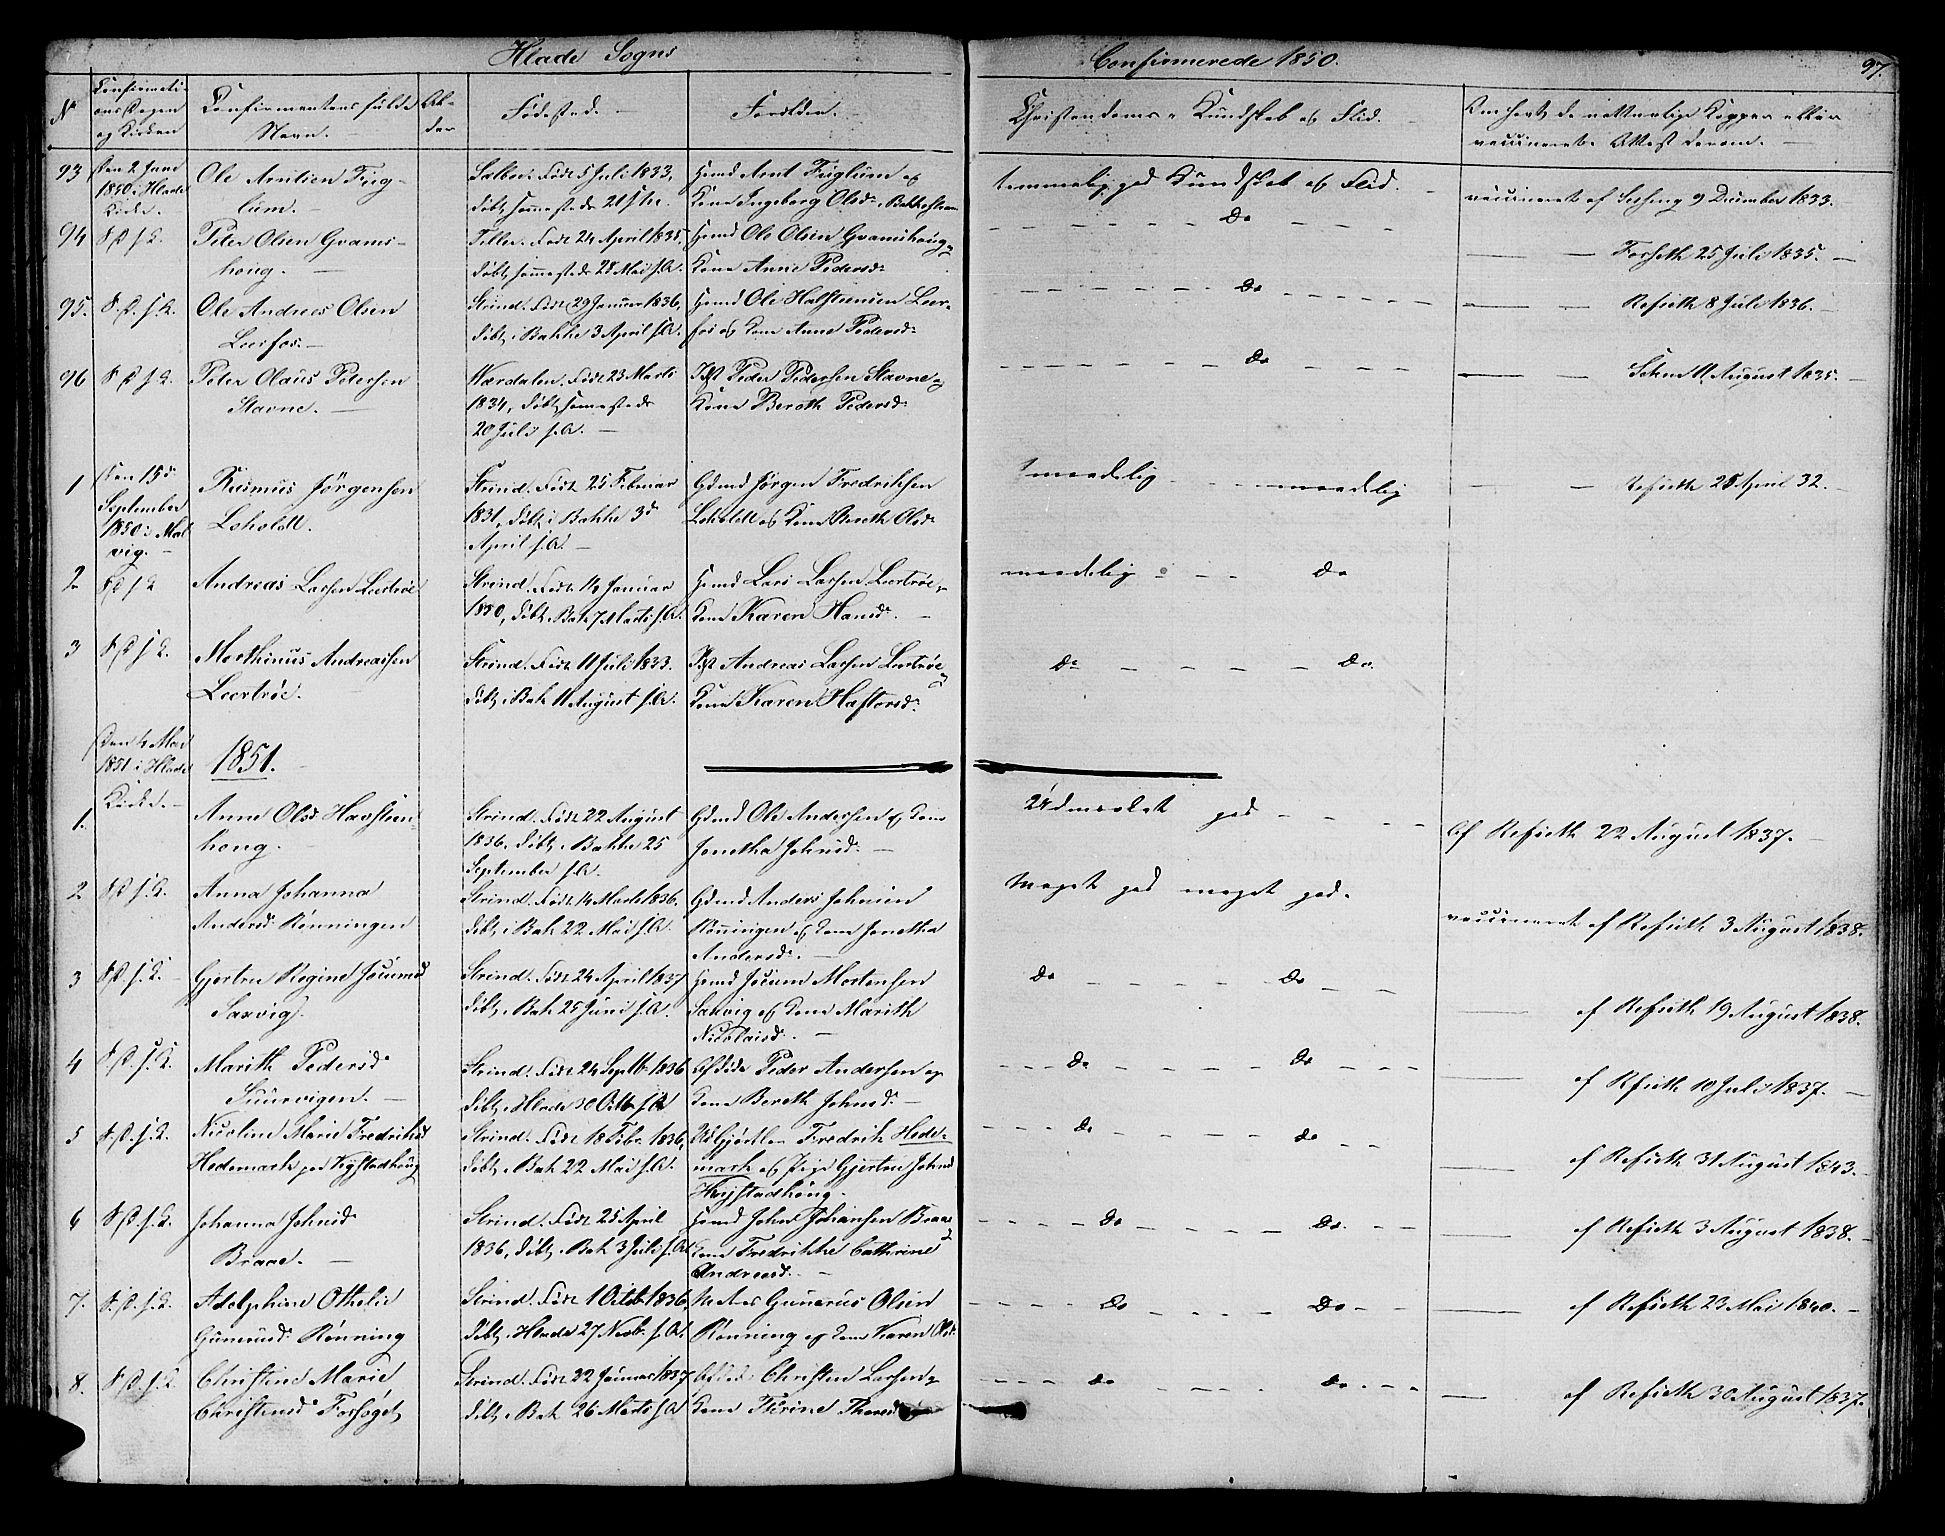 SAT, Ministerialprotokoller, klokkerbøker og fødselsregistre - Sør-Trøndelag, 606/L0310: Klokkerbok nr. 606C06, 1850-1859, s. 97